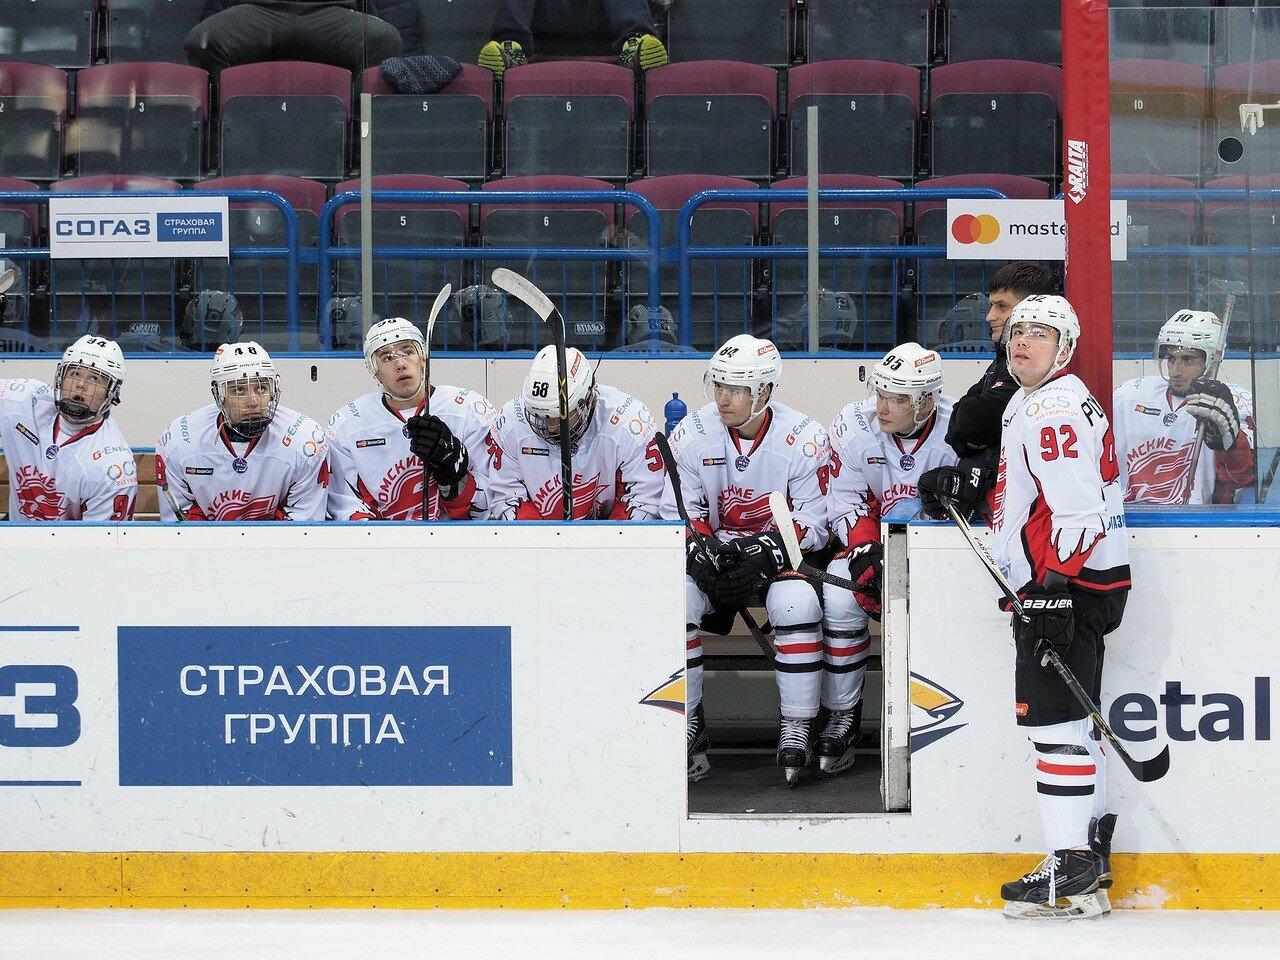 4Стальные Лисы - Омские Ястребы 13.12.2016